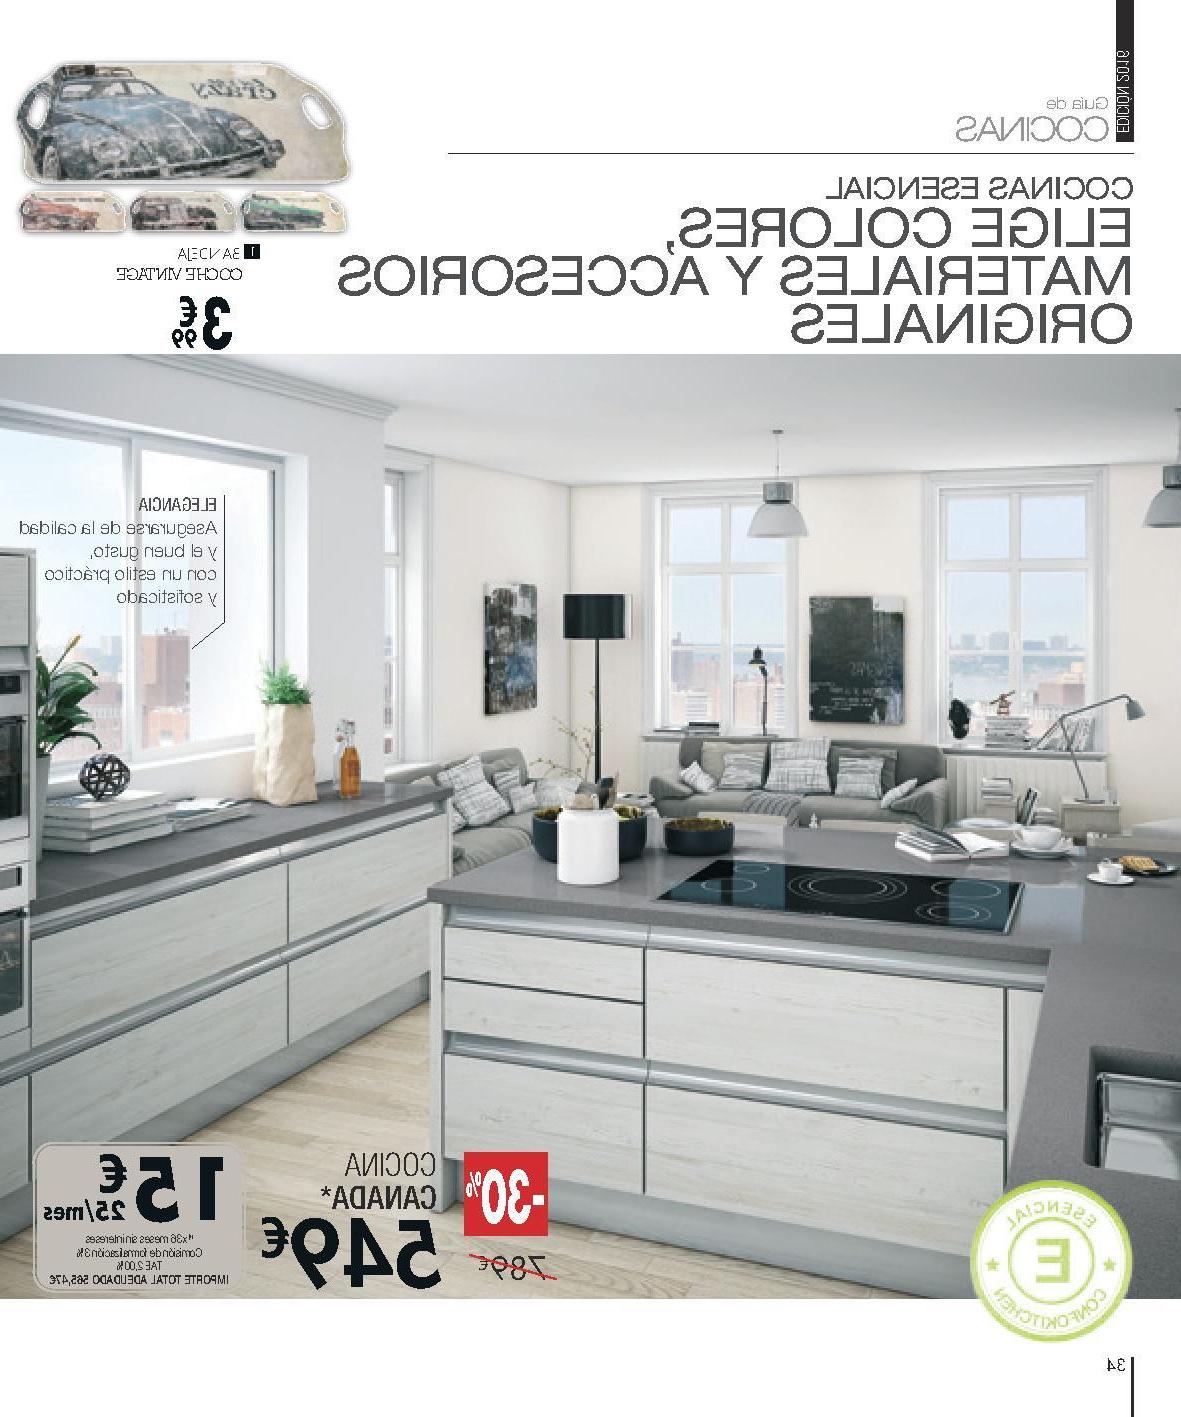 Armarios Cocina Conforama Ffdn Muebles Buffet Cocina Catà Logo 2018 ...